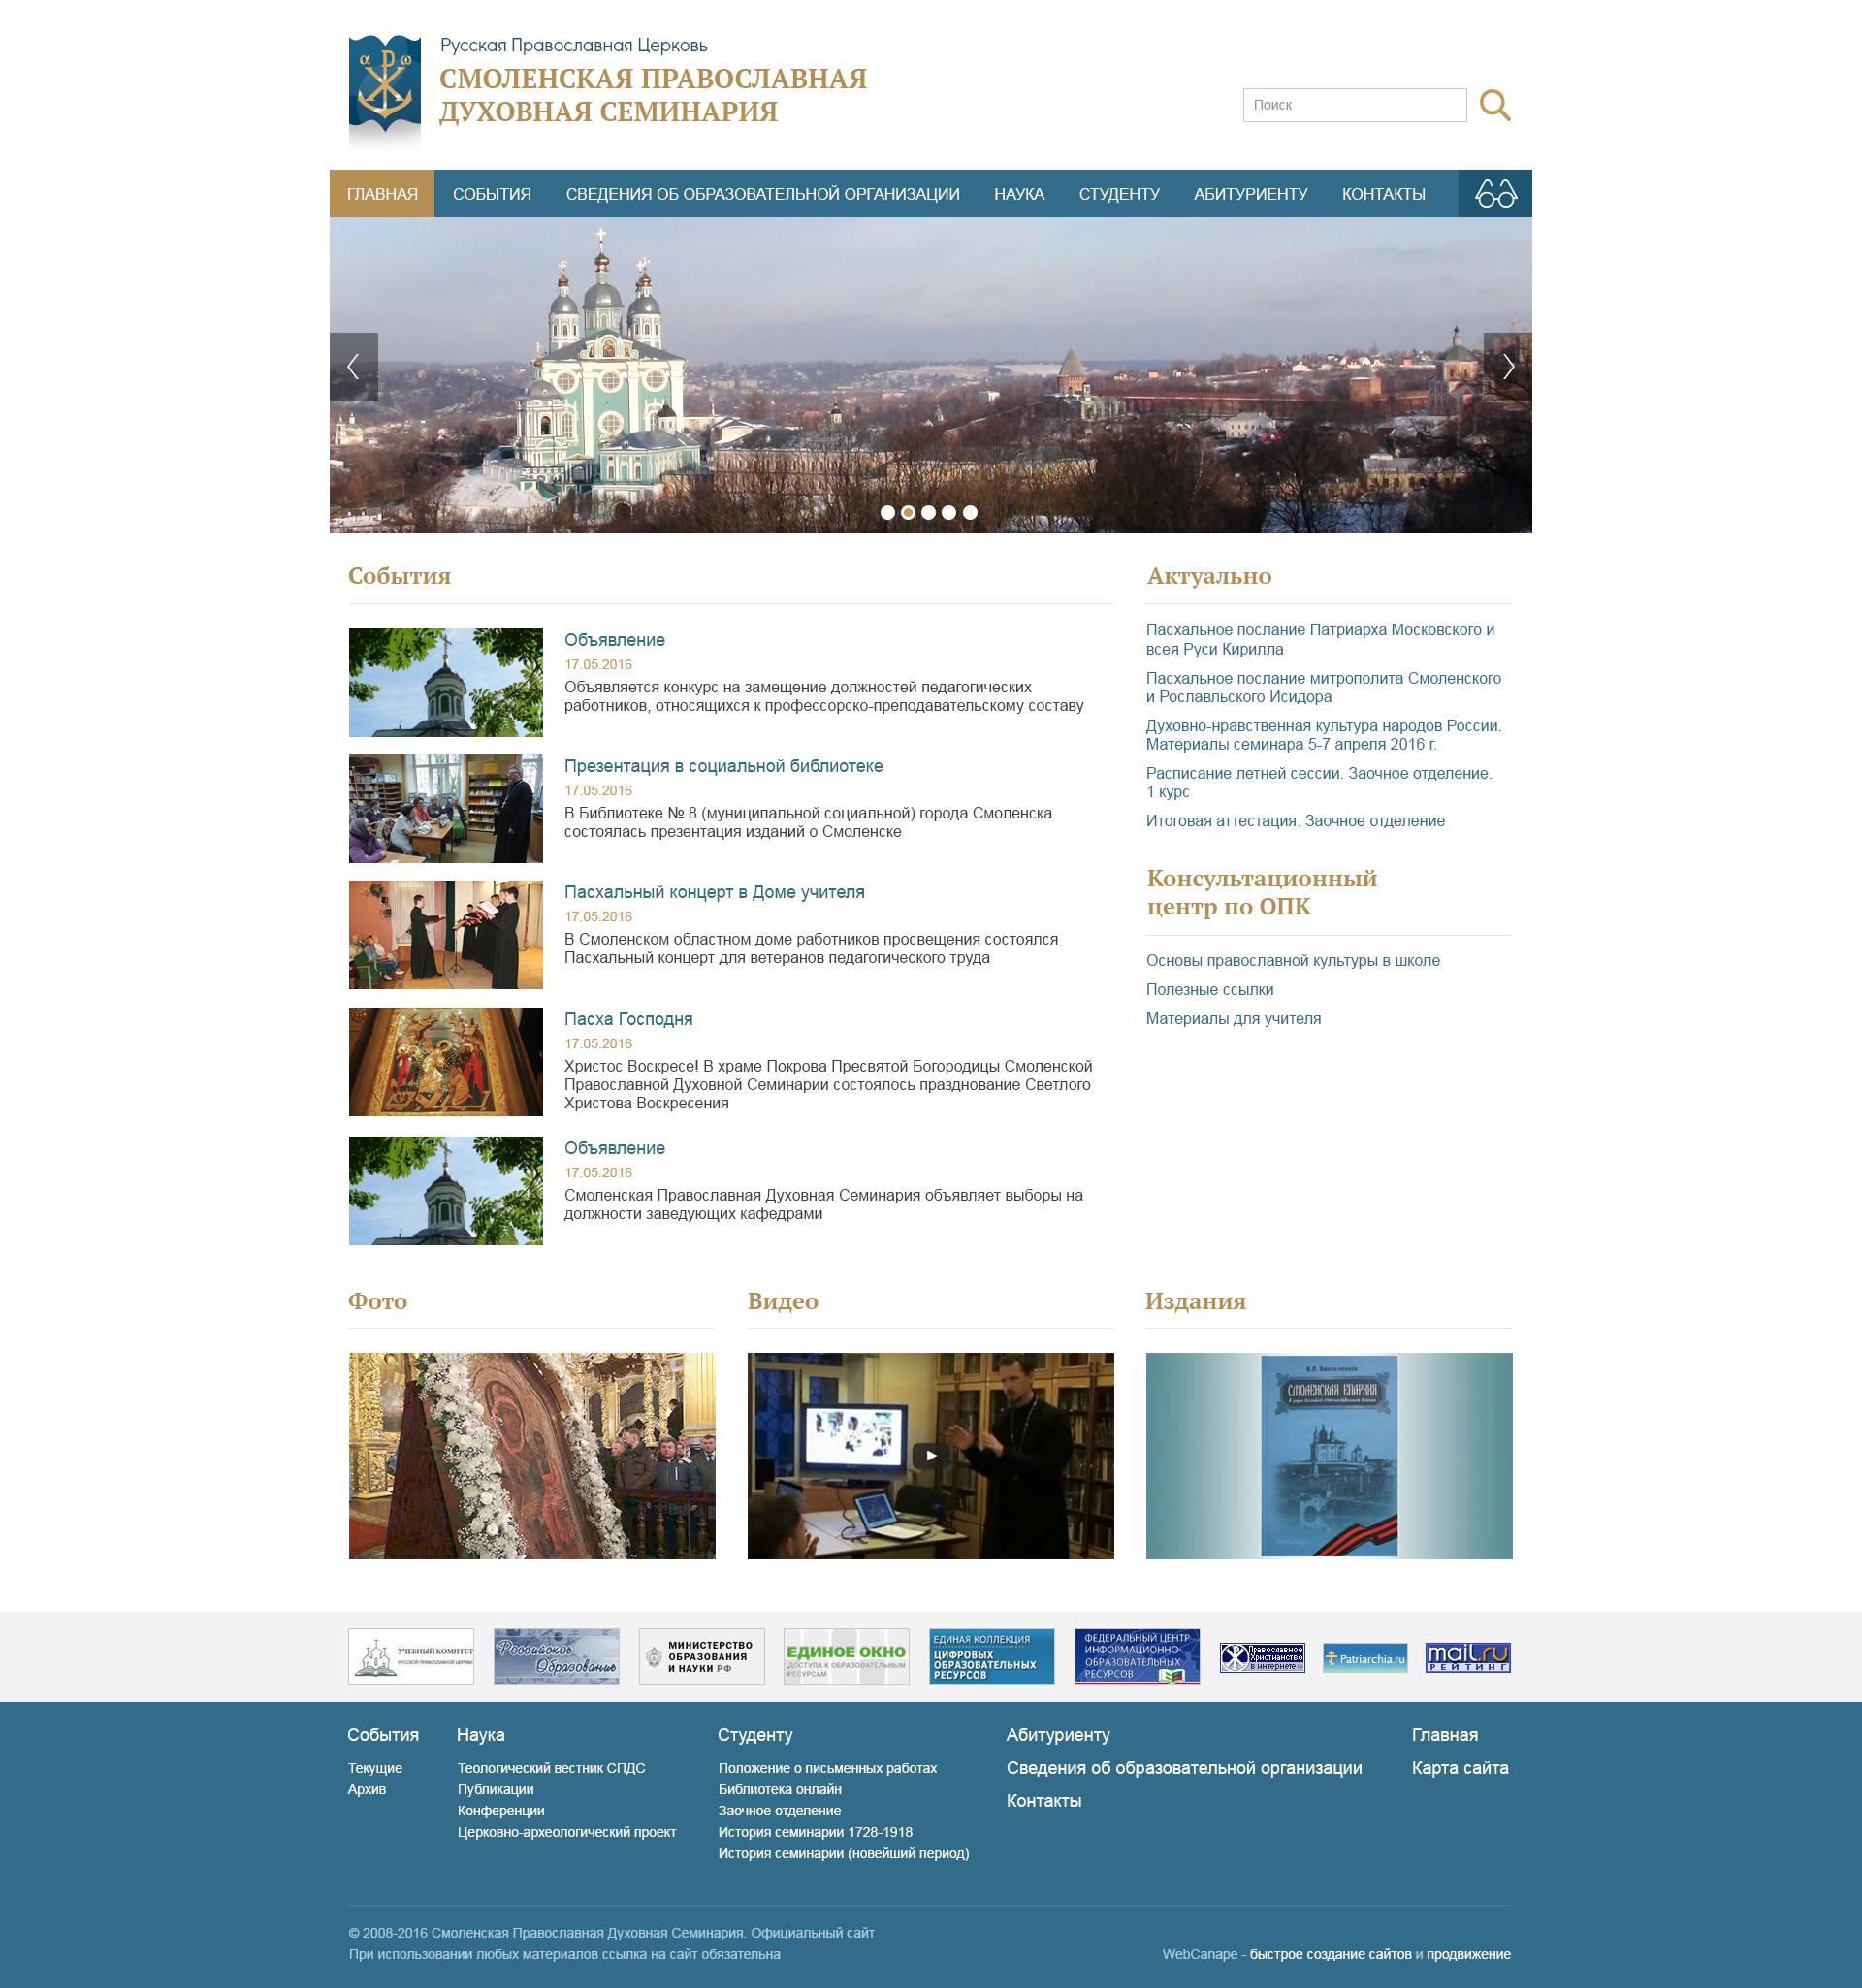 Разработка сайта для Смоленской Духовной Семинарии